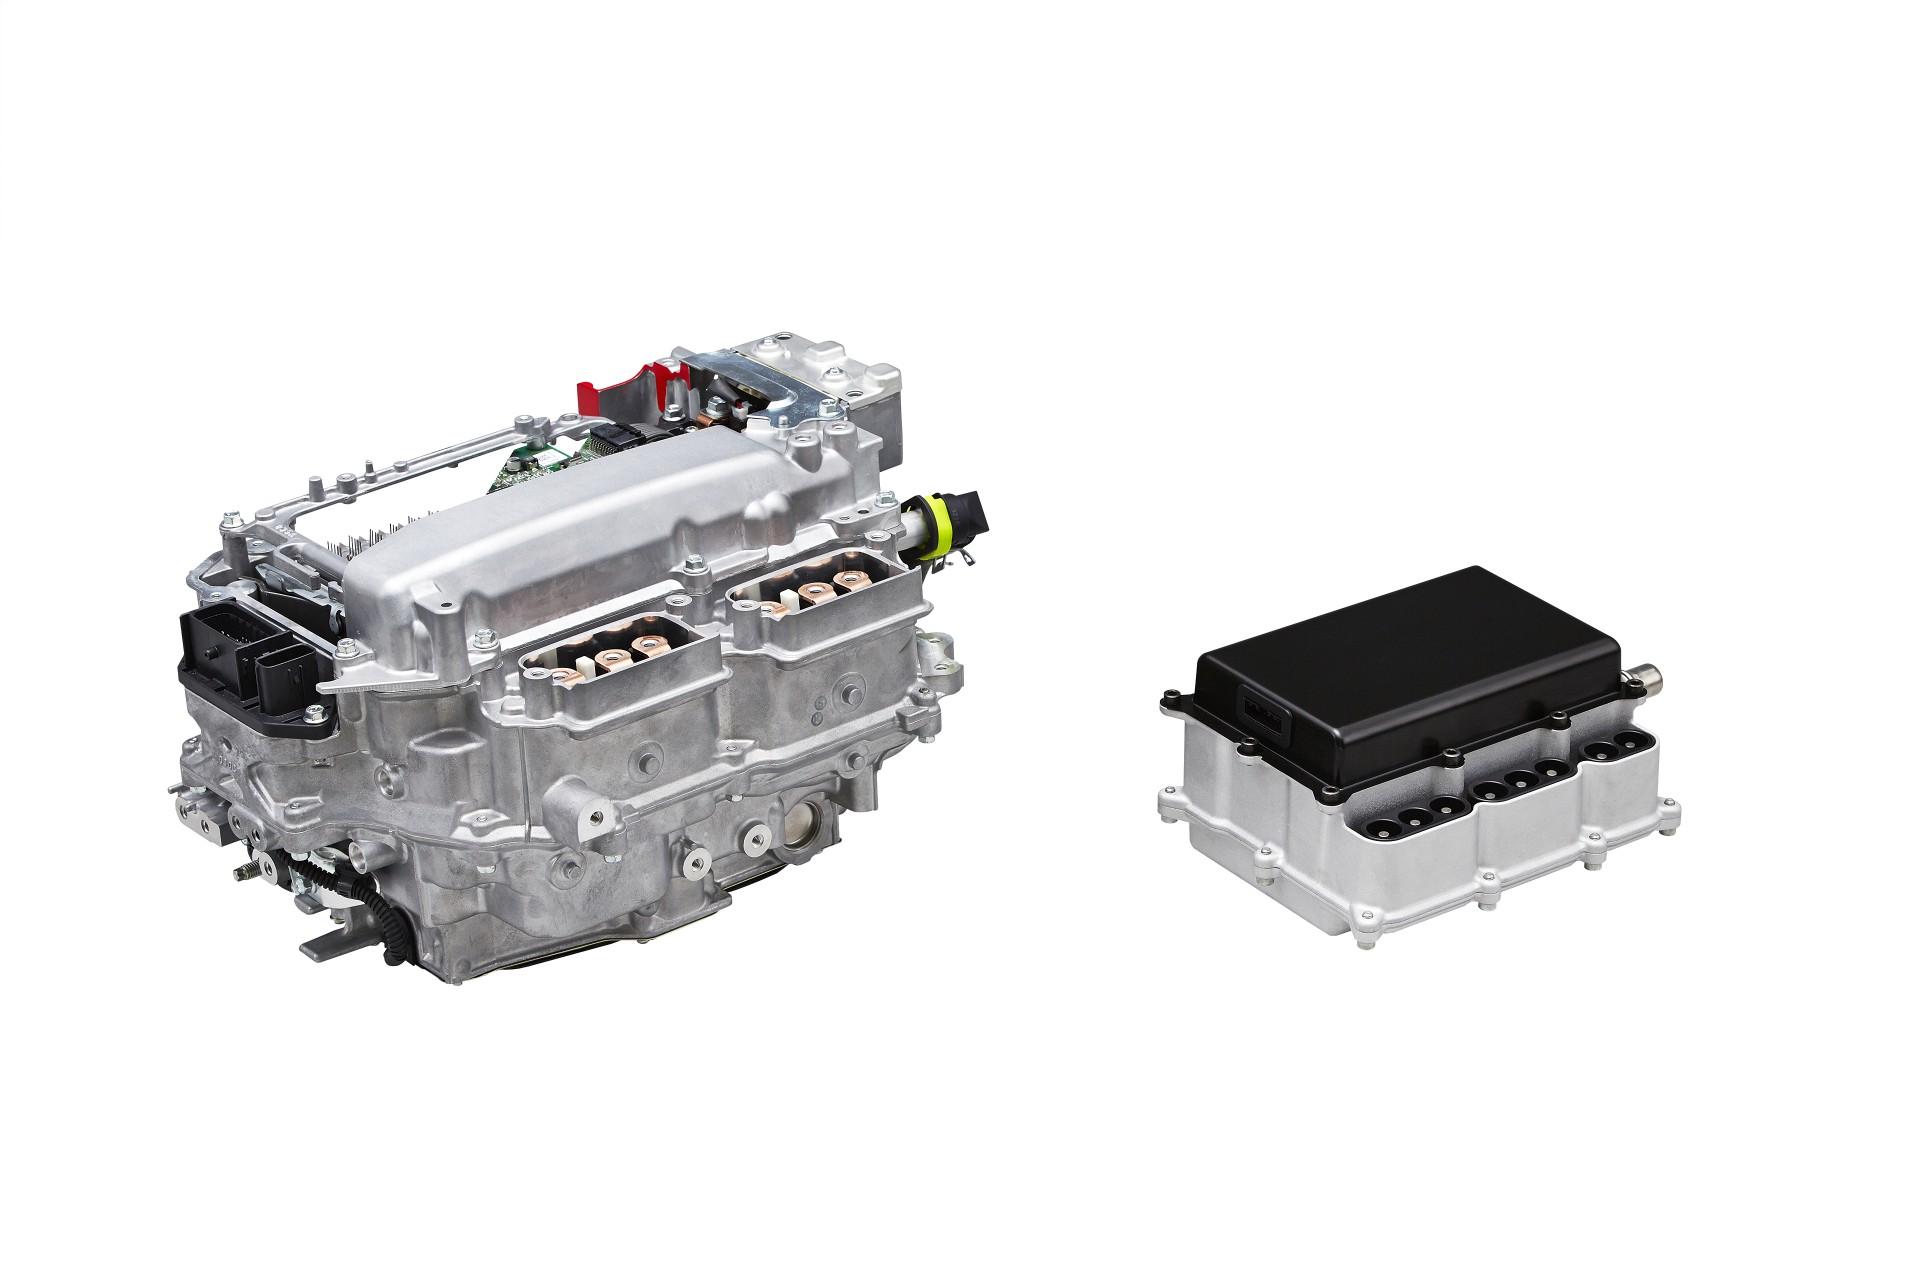 Toyota met au point de nouveaux semiconducteurs pour améliorer l'efficacité énergétique des voitures hybrides